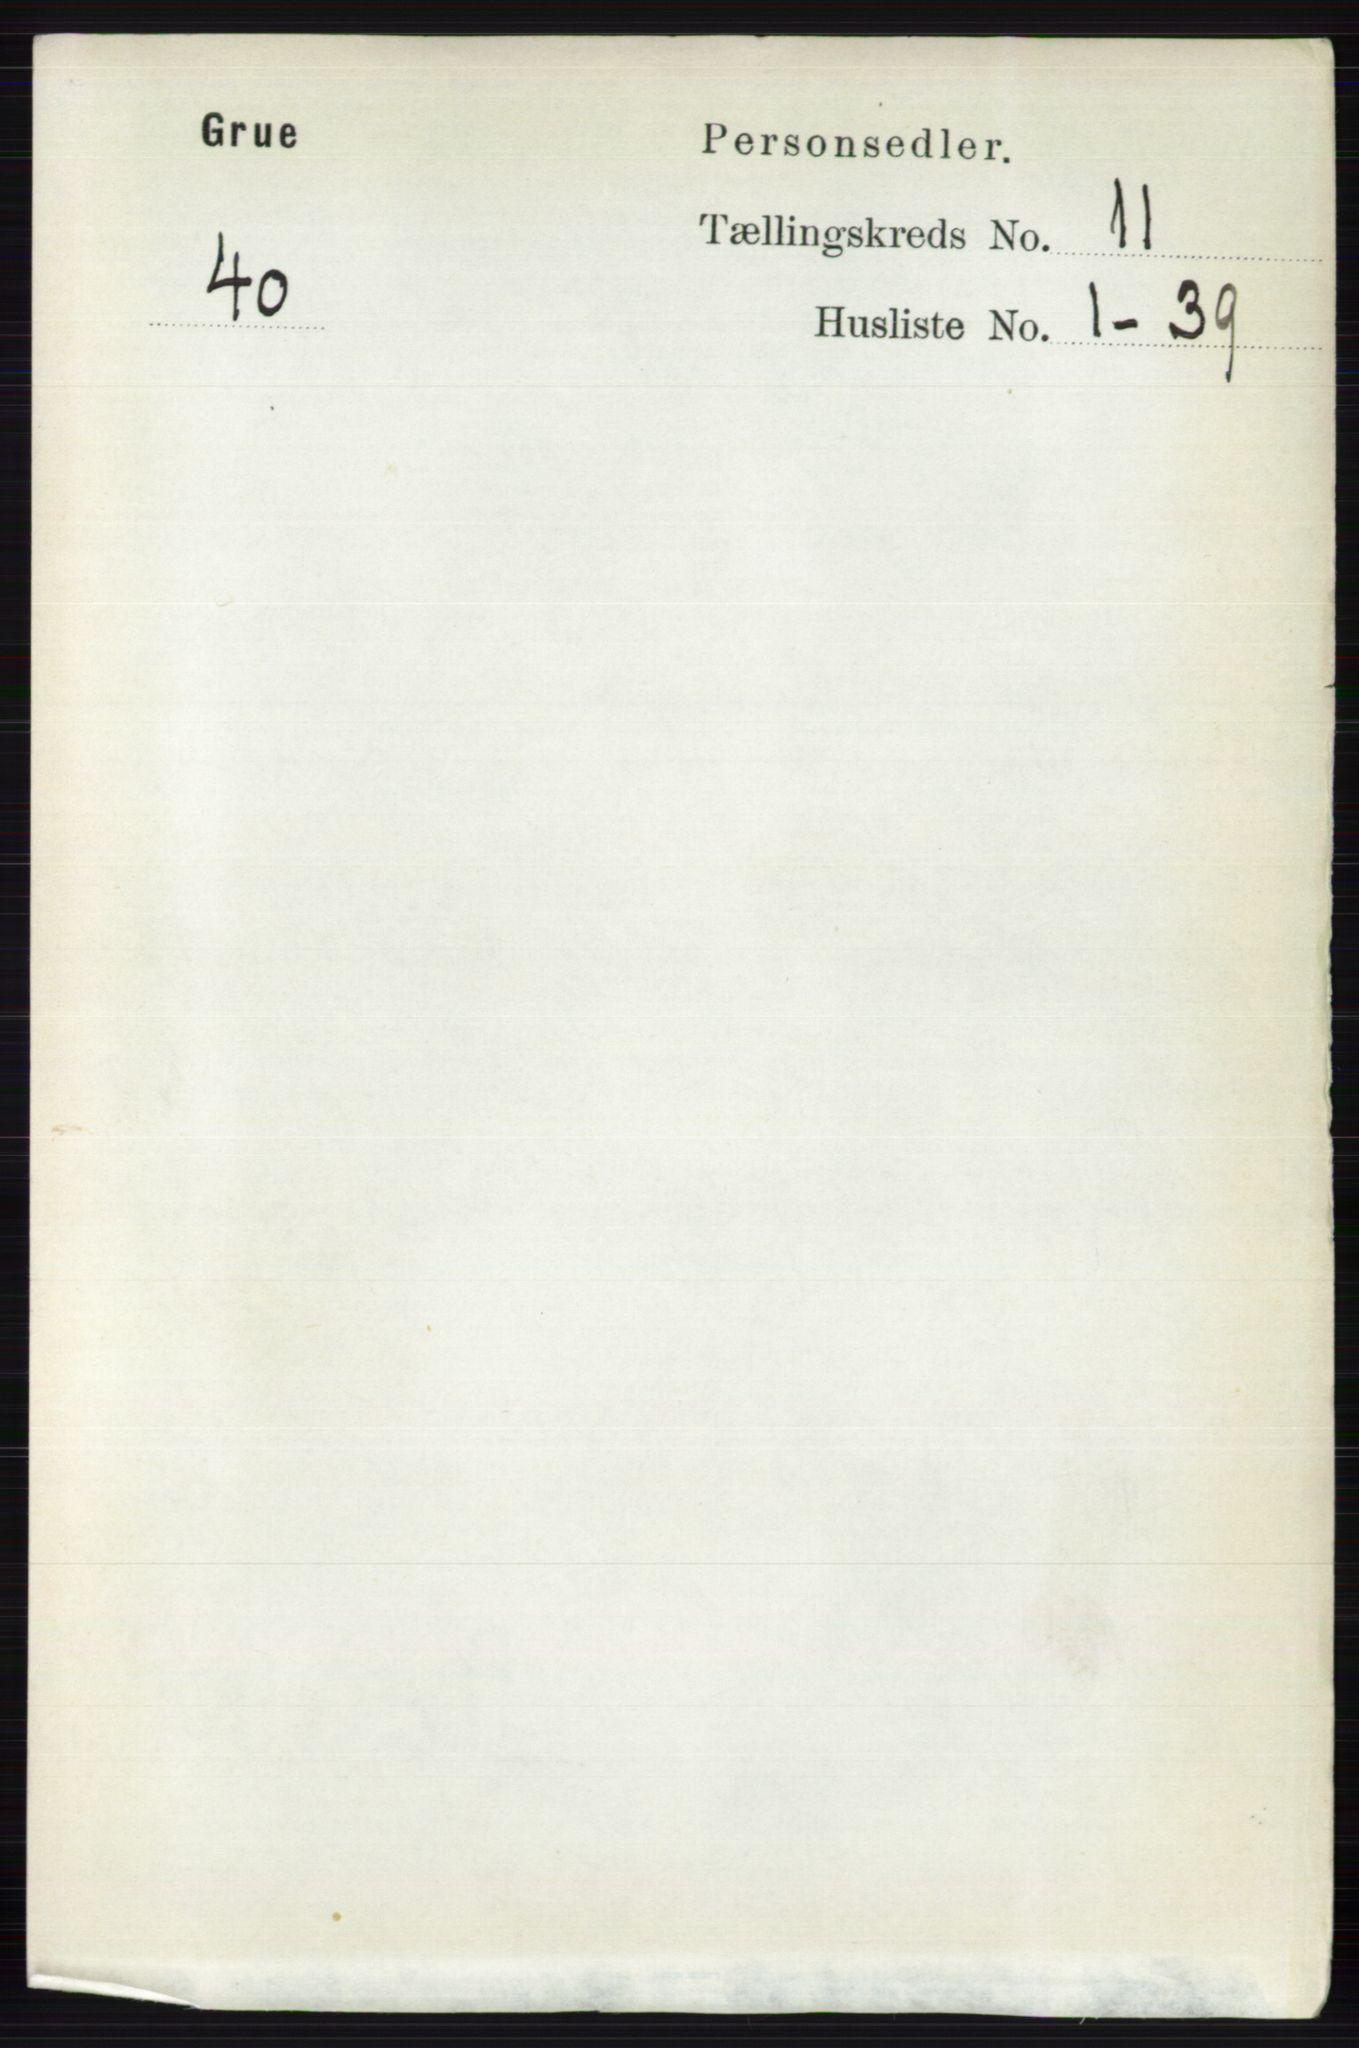 RA, Folketelling 1891 for 0423 Grue herred, 1891, s. 5856